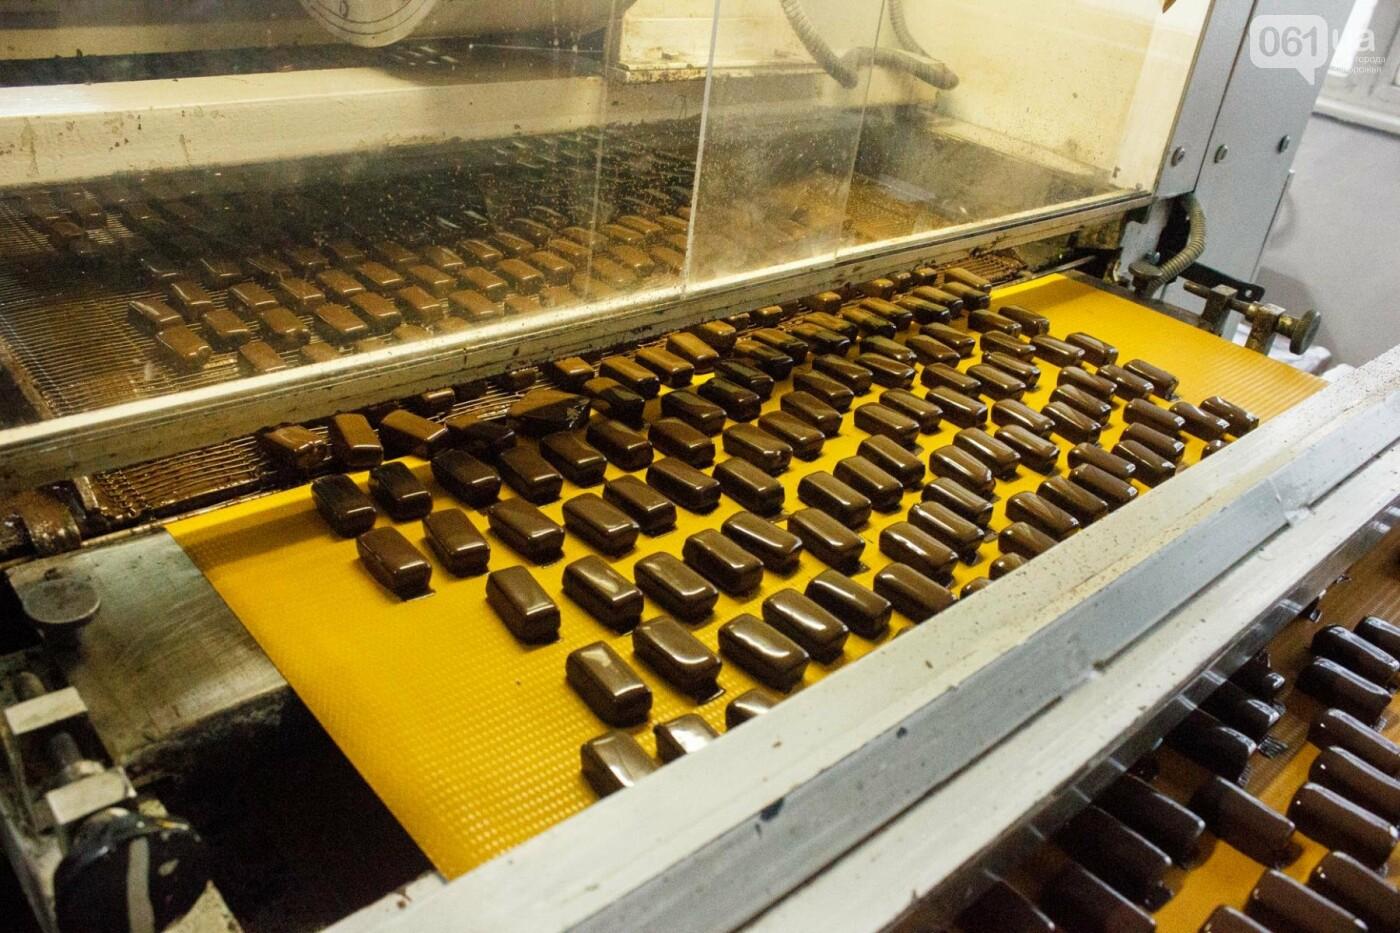 Как в Запорожье делают конфеты: экскурсия на кондитерскую фабрику, – ФОТОРЕПОРТАЖ, фото-25